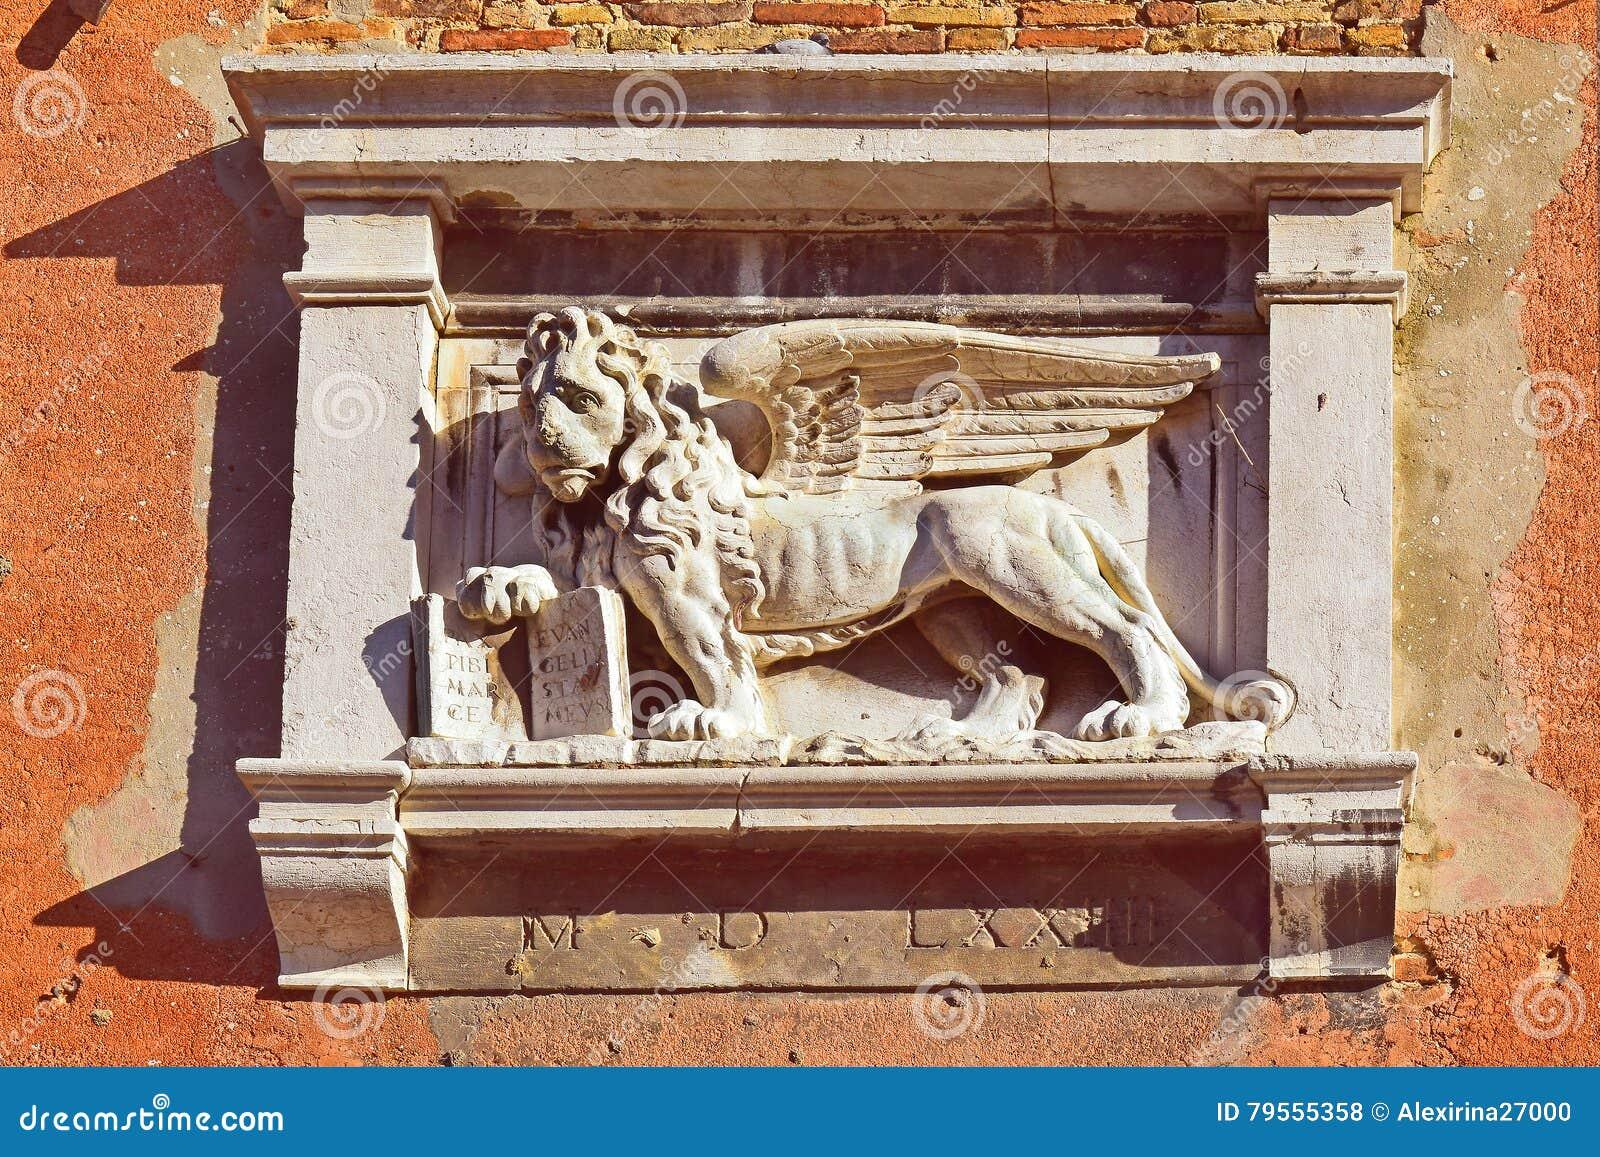 Símbolo de Venecia, el león con alas de St Mark